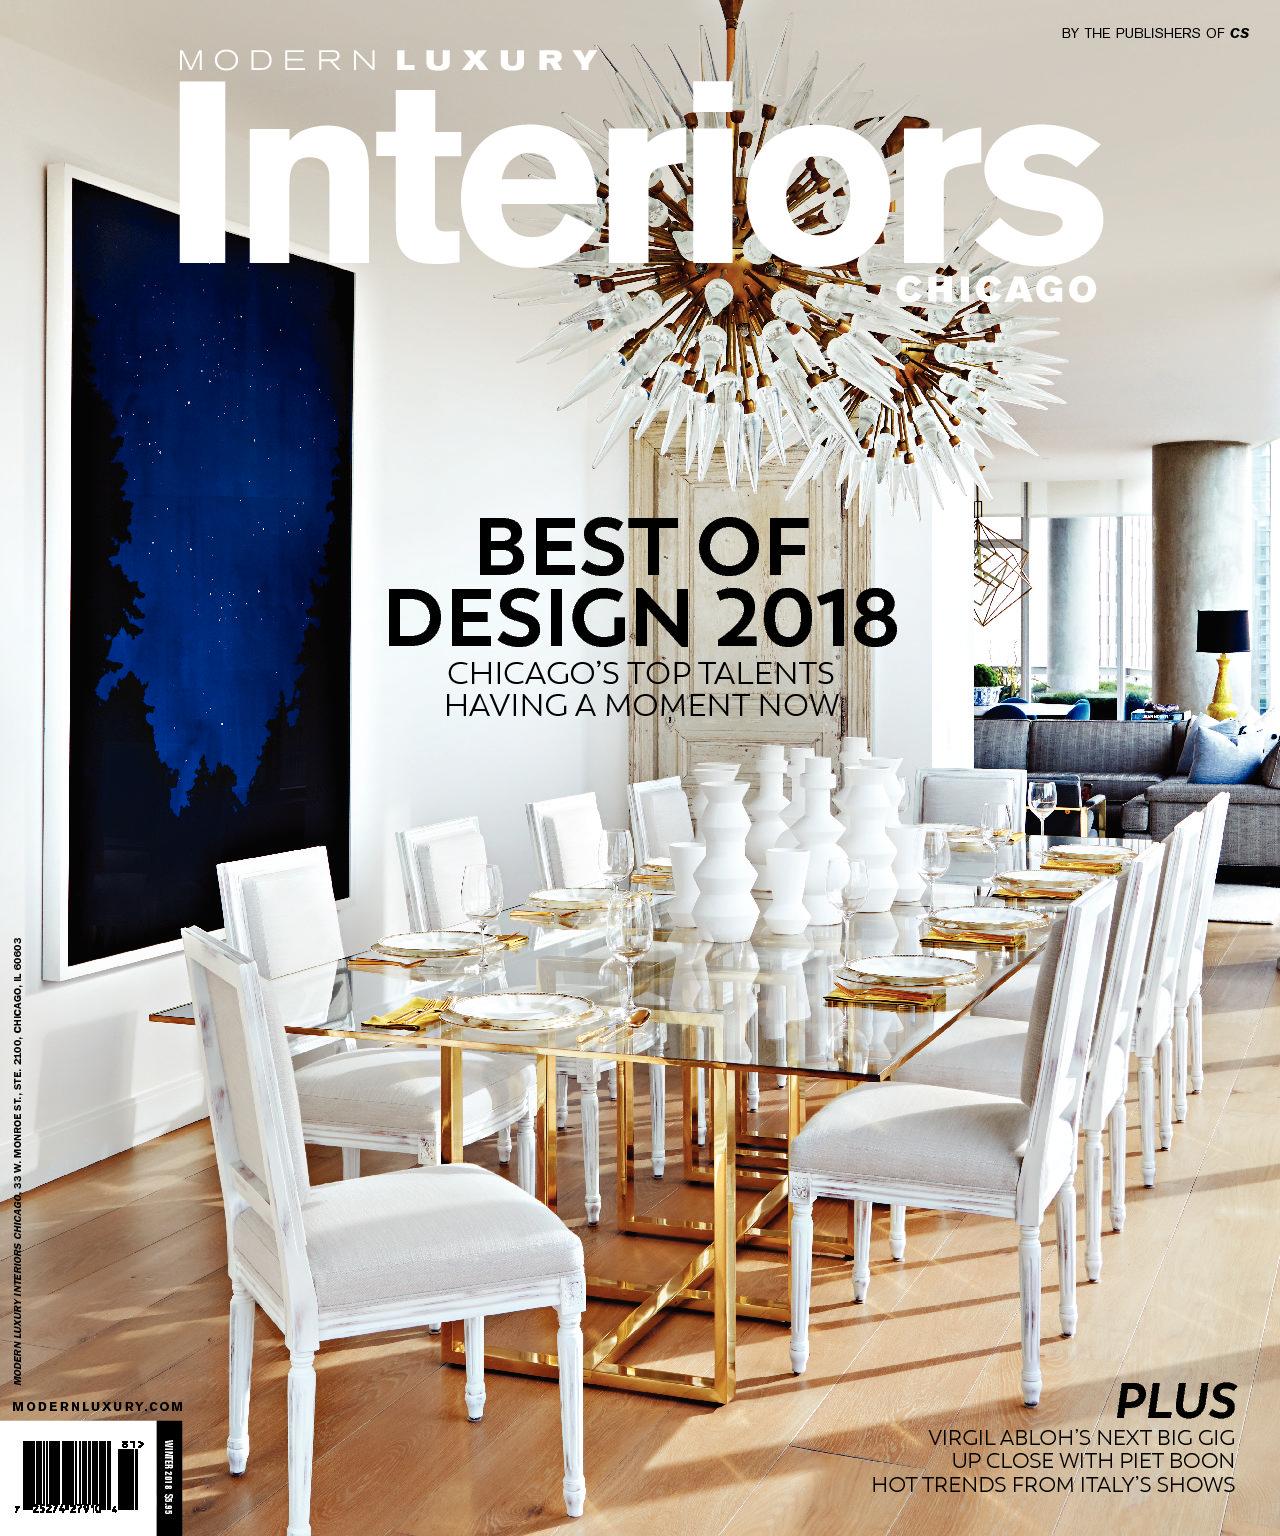 Luxury Interior Design Services: Chicago Luxury Interior Design